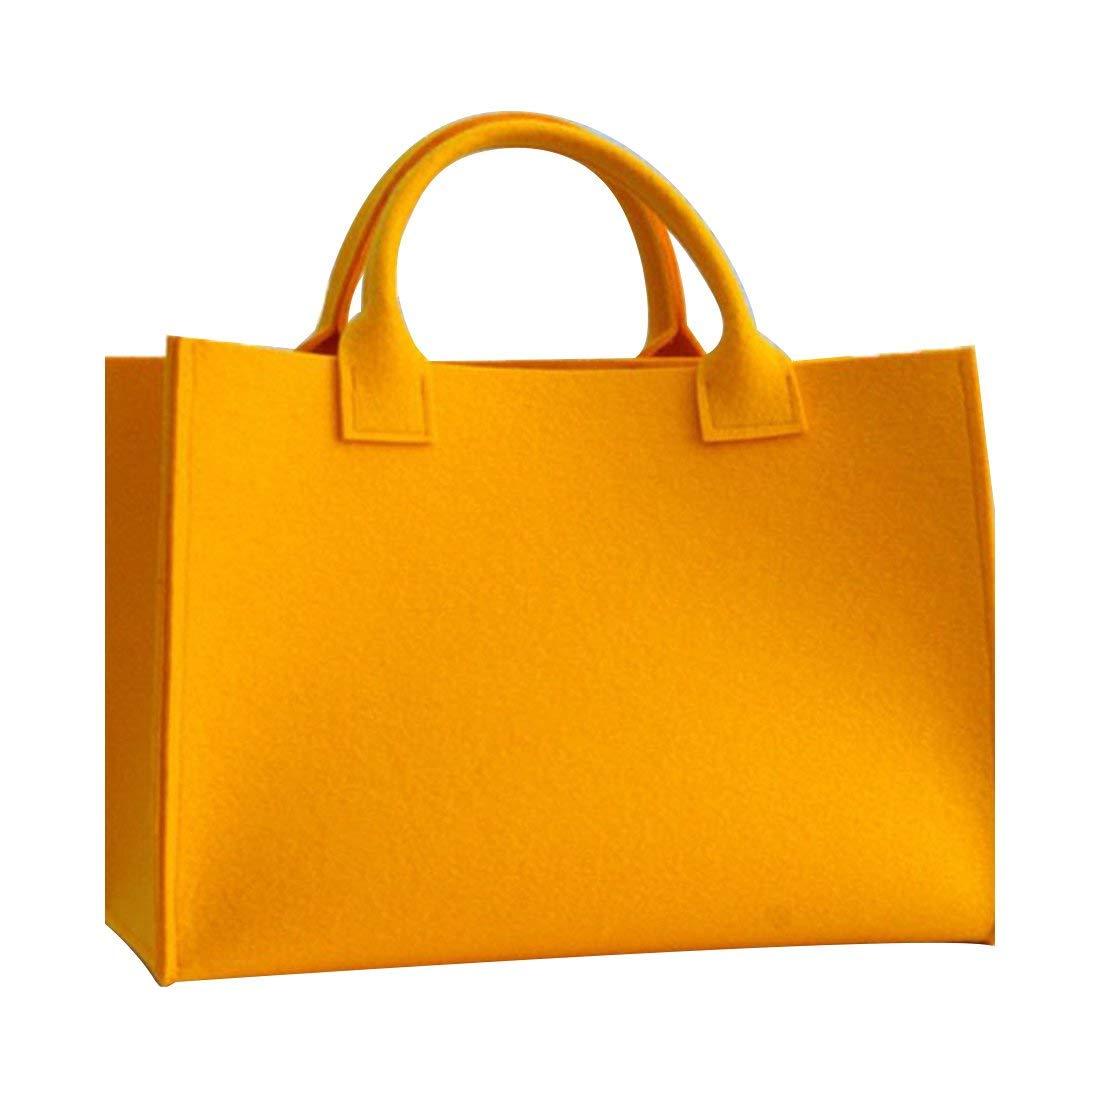 Gwell - Bolsa de la compra de fieltro, cesta de la compra, bolsa de almacenamiento, azul, 40x30x10cm